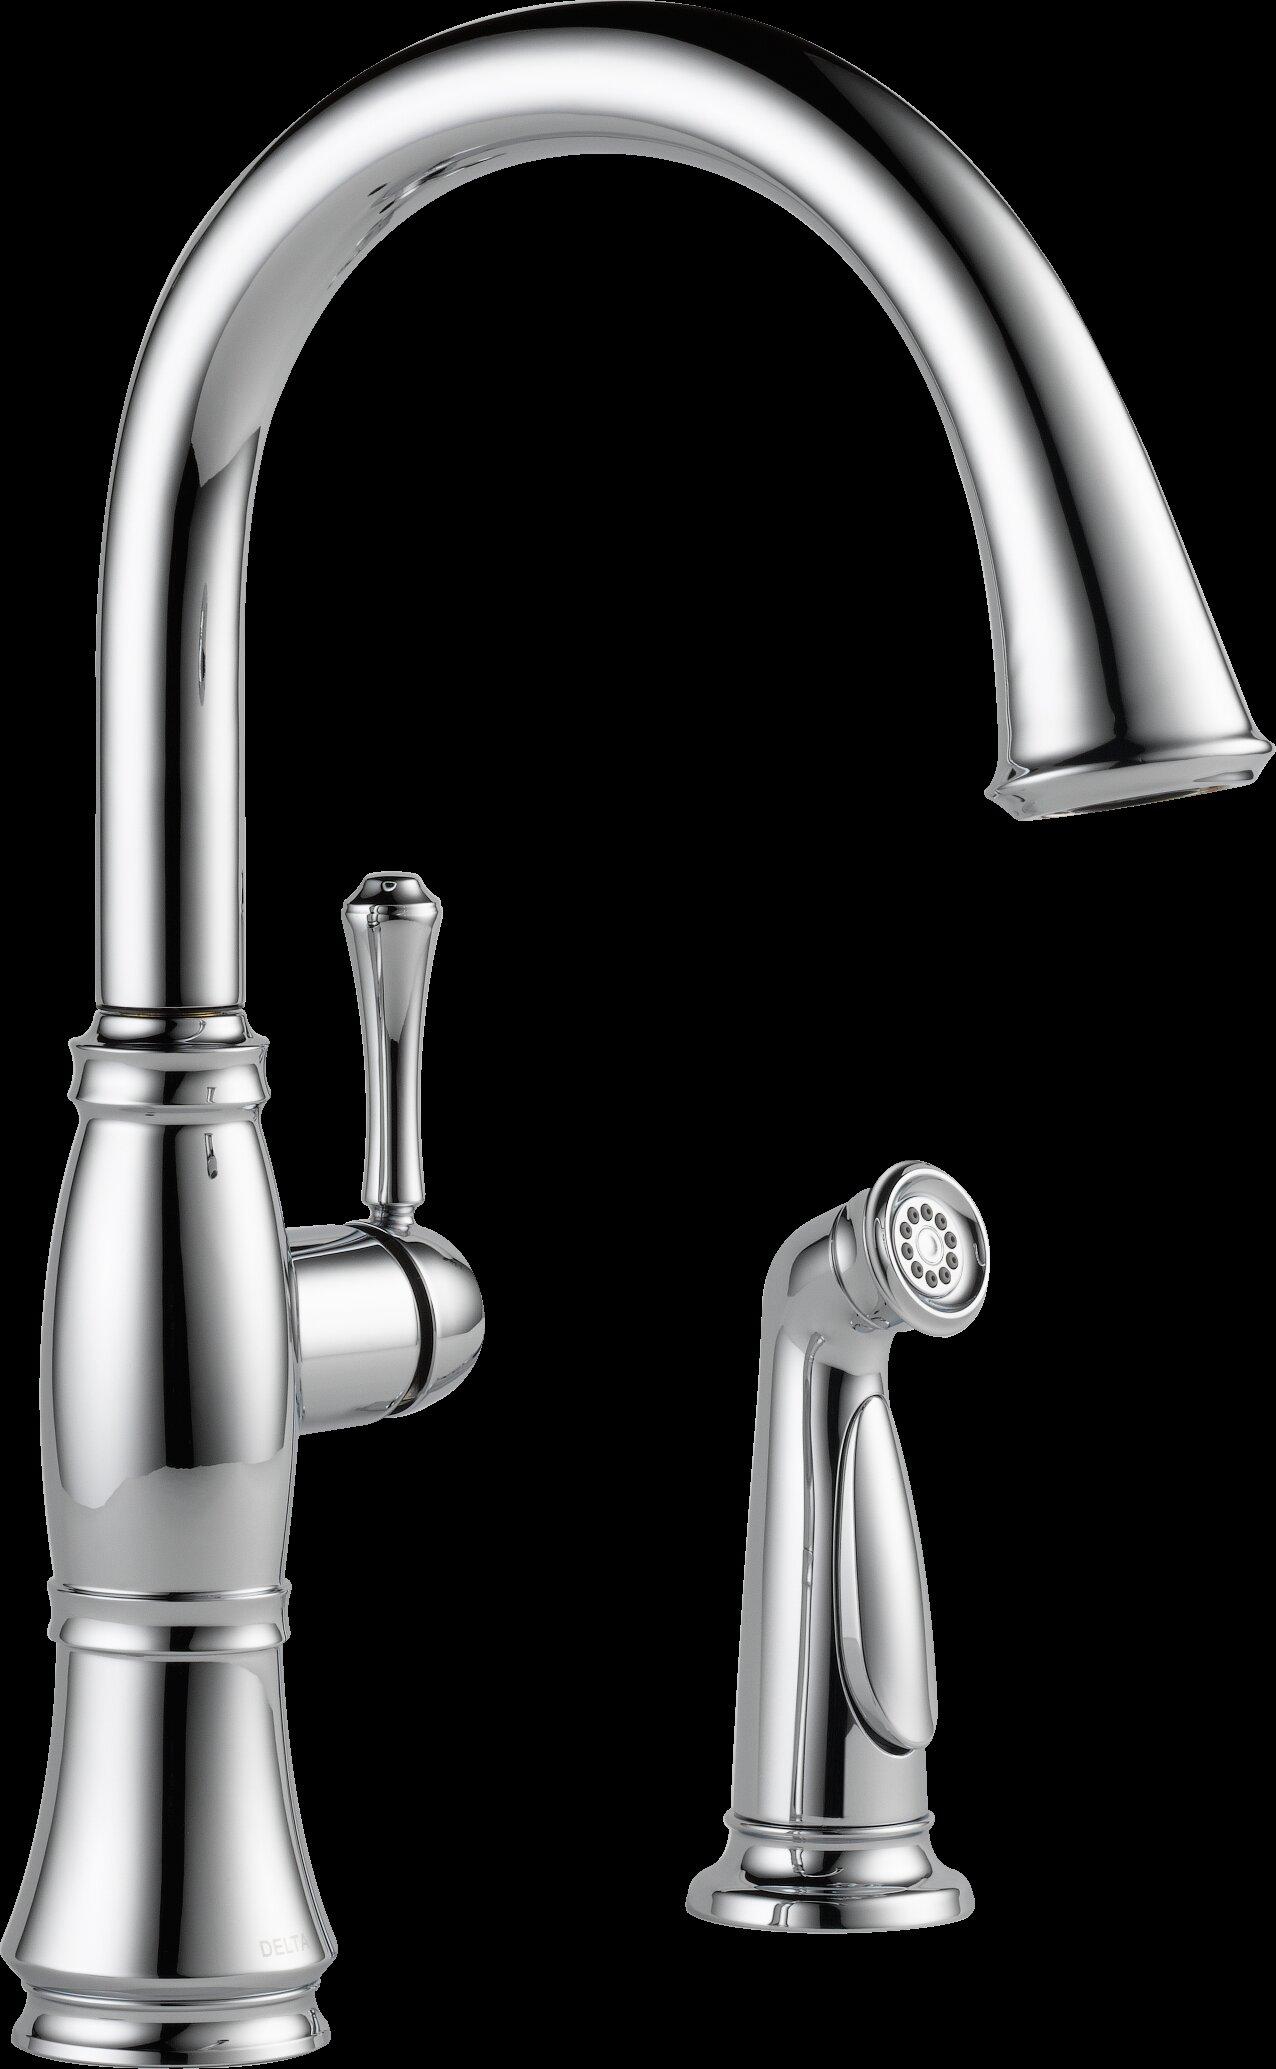 Delta Cidy Kitchen Faucet With Side Sprayer - Kitchen Appliances ...